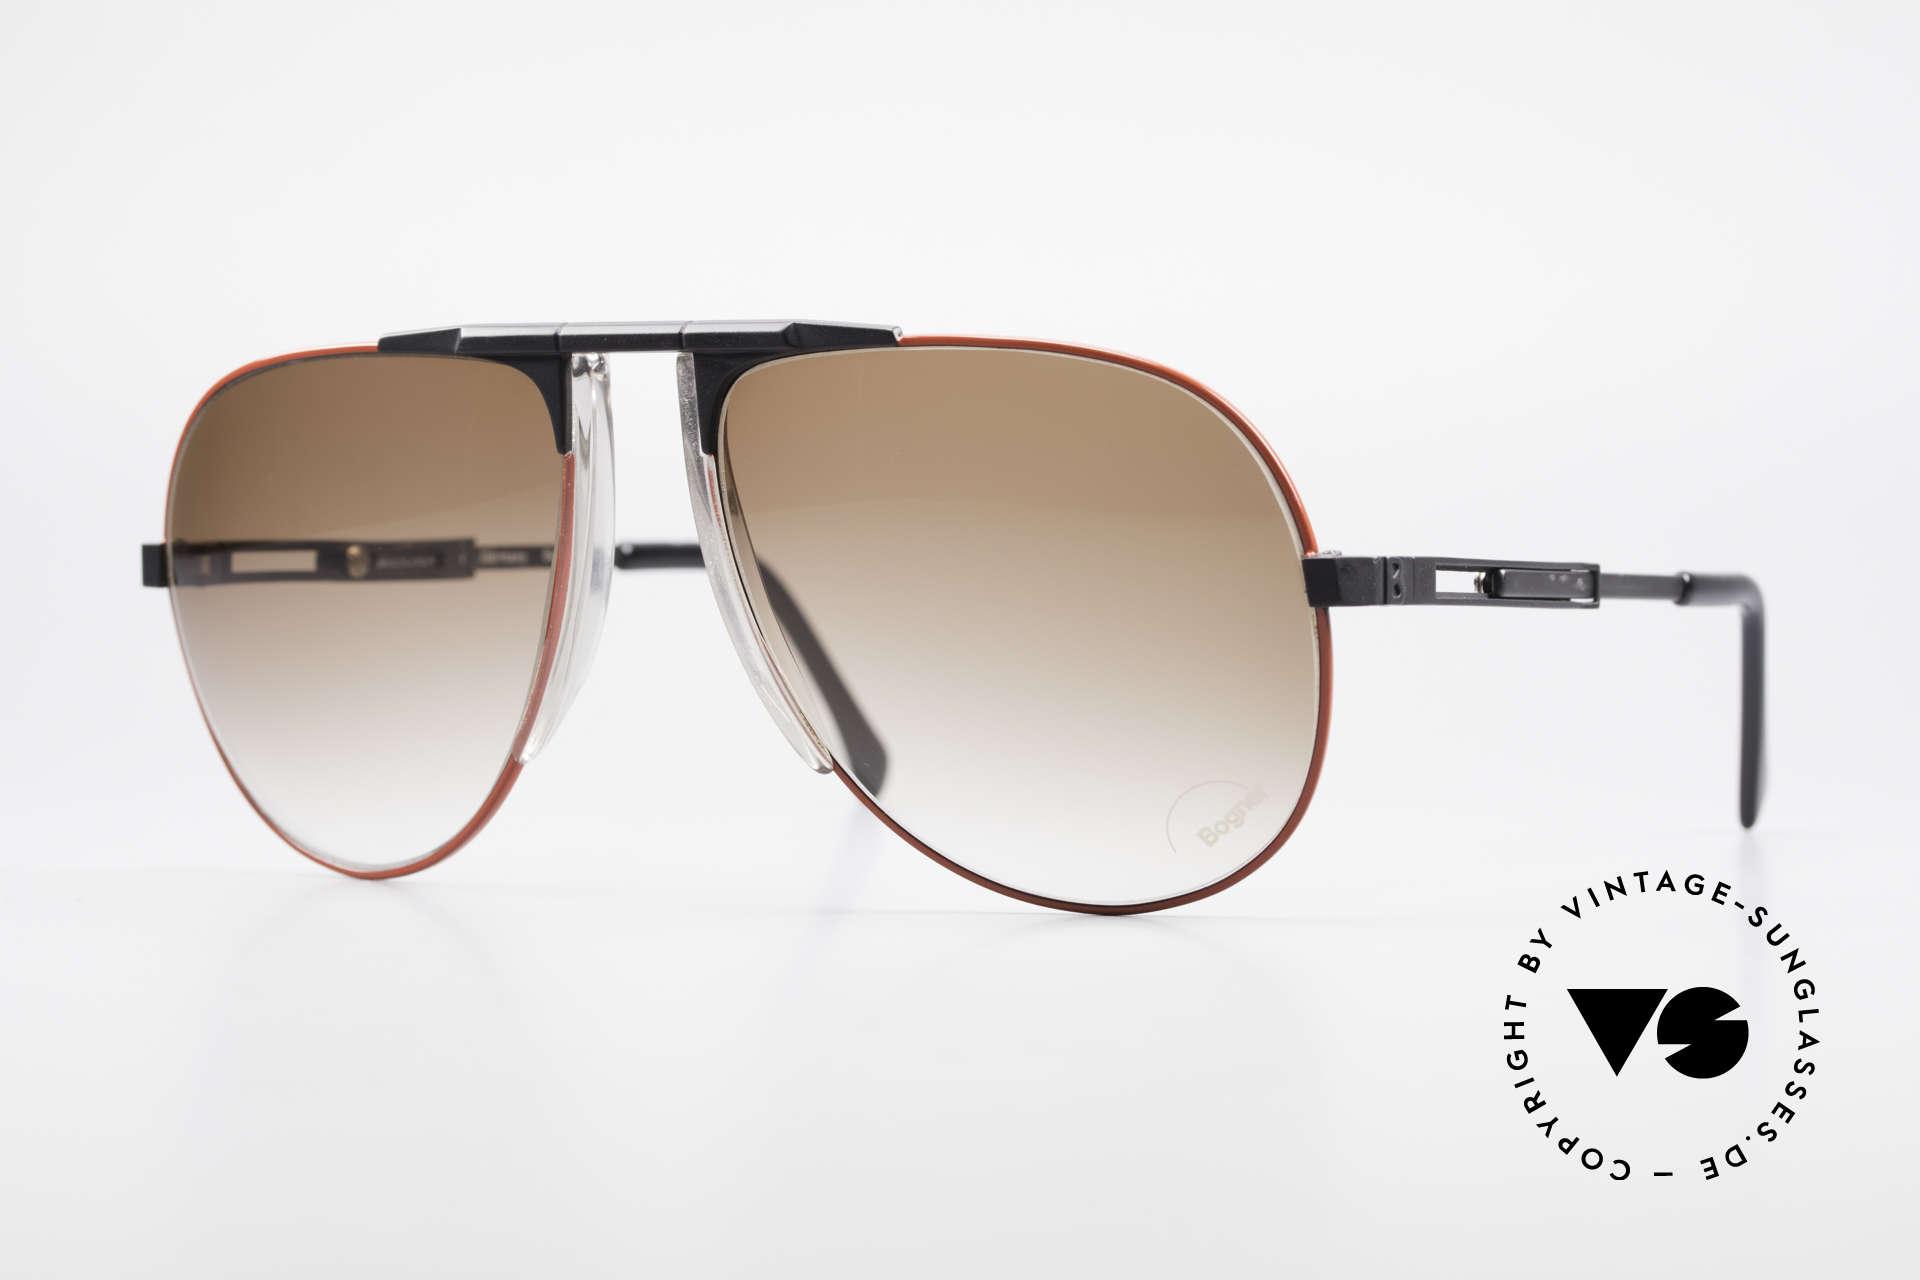 Willy Bogner 7011 Einstellbare 80er Sonnenbrille, die Bestseller Sonnenbrille vom Ski-Ass Willy Bogner, Passend für Herren